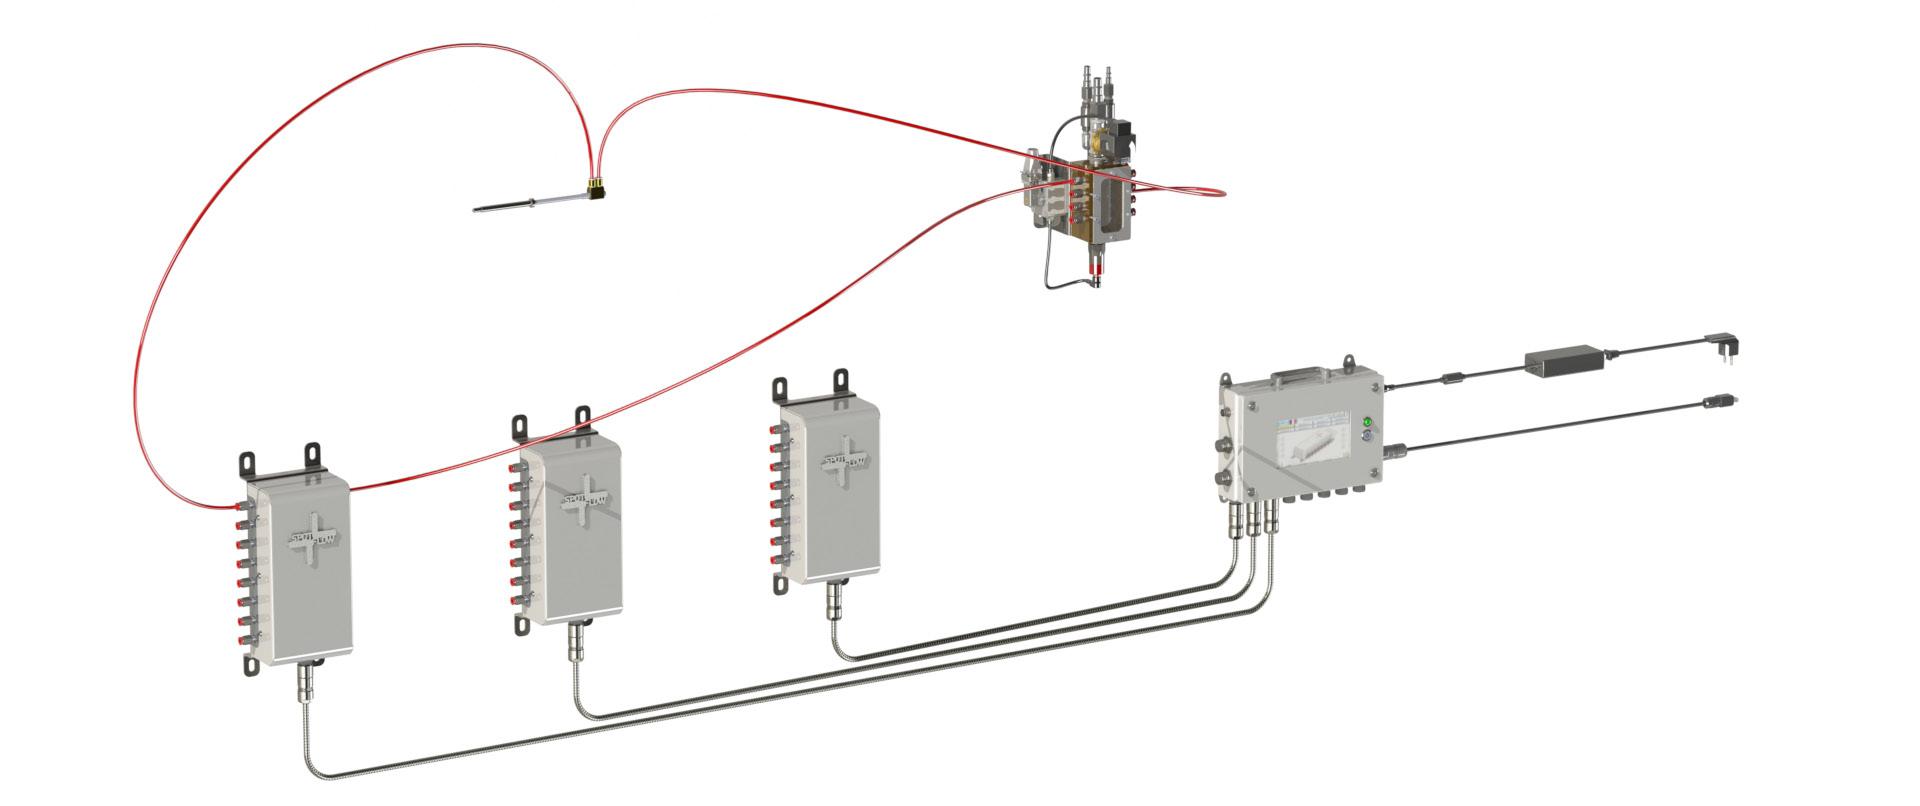 jet cooling flowmaster system